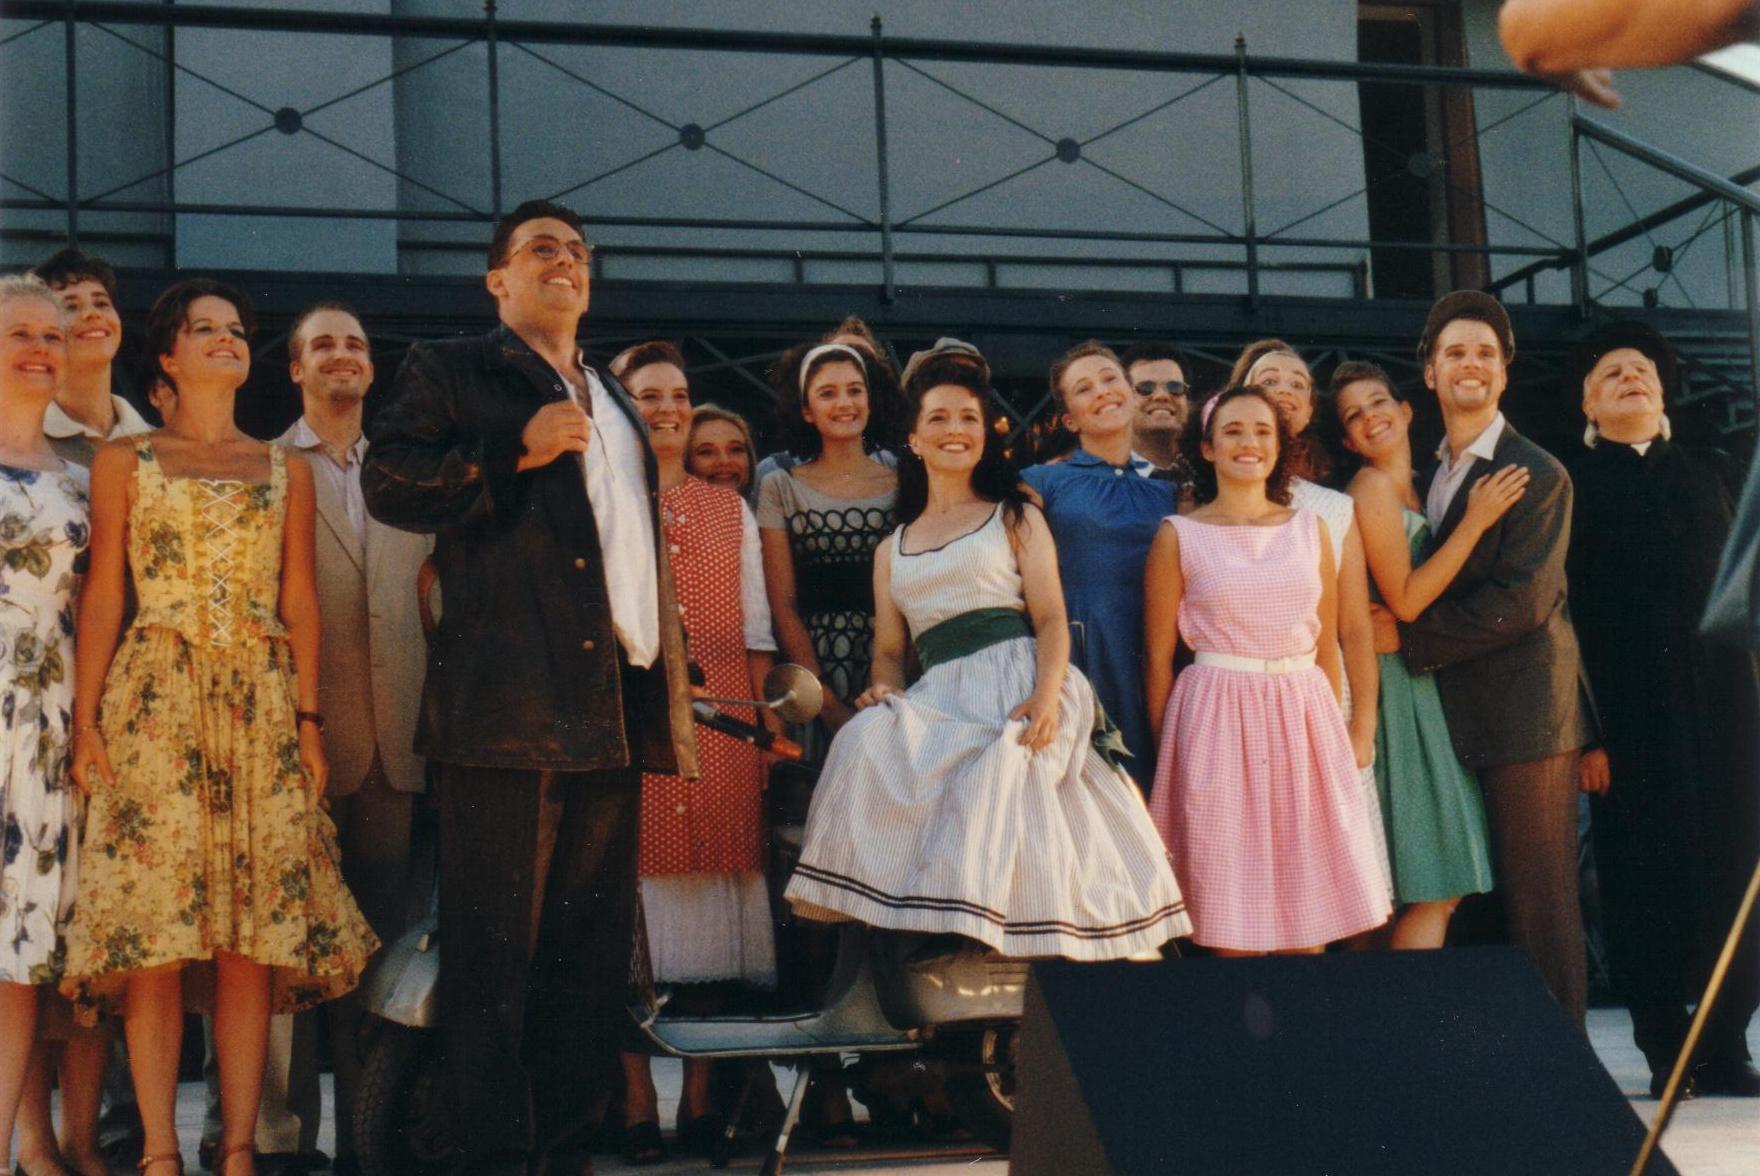 Der Chor im 50erjahre Stil